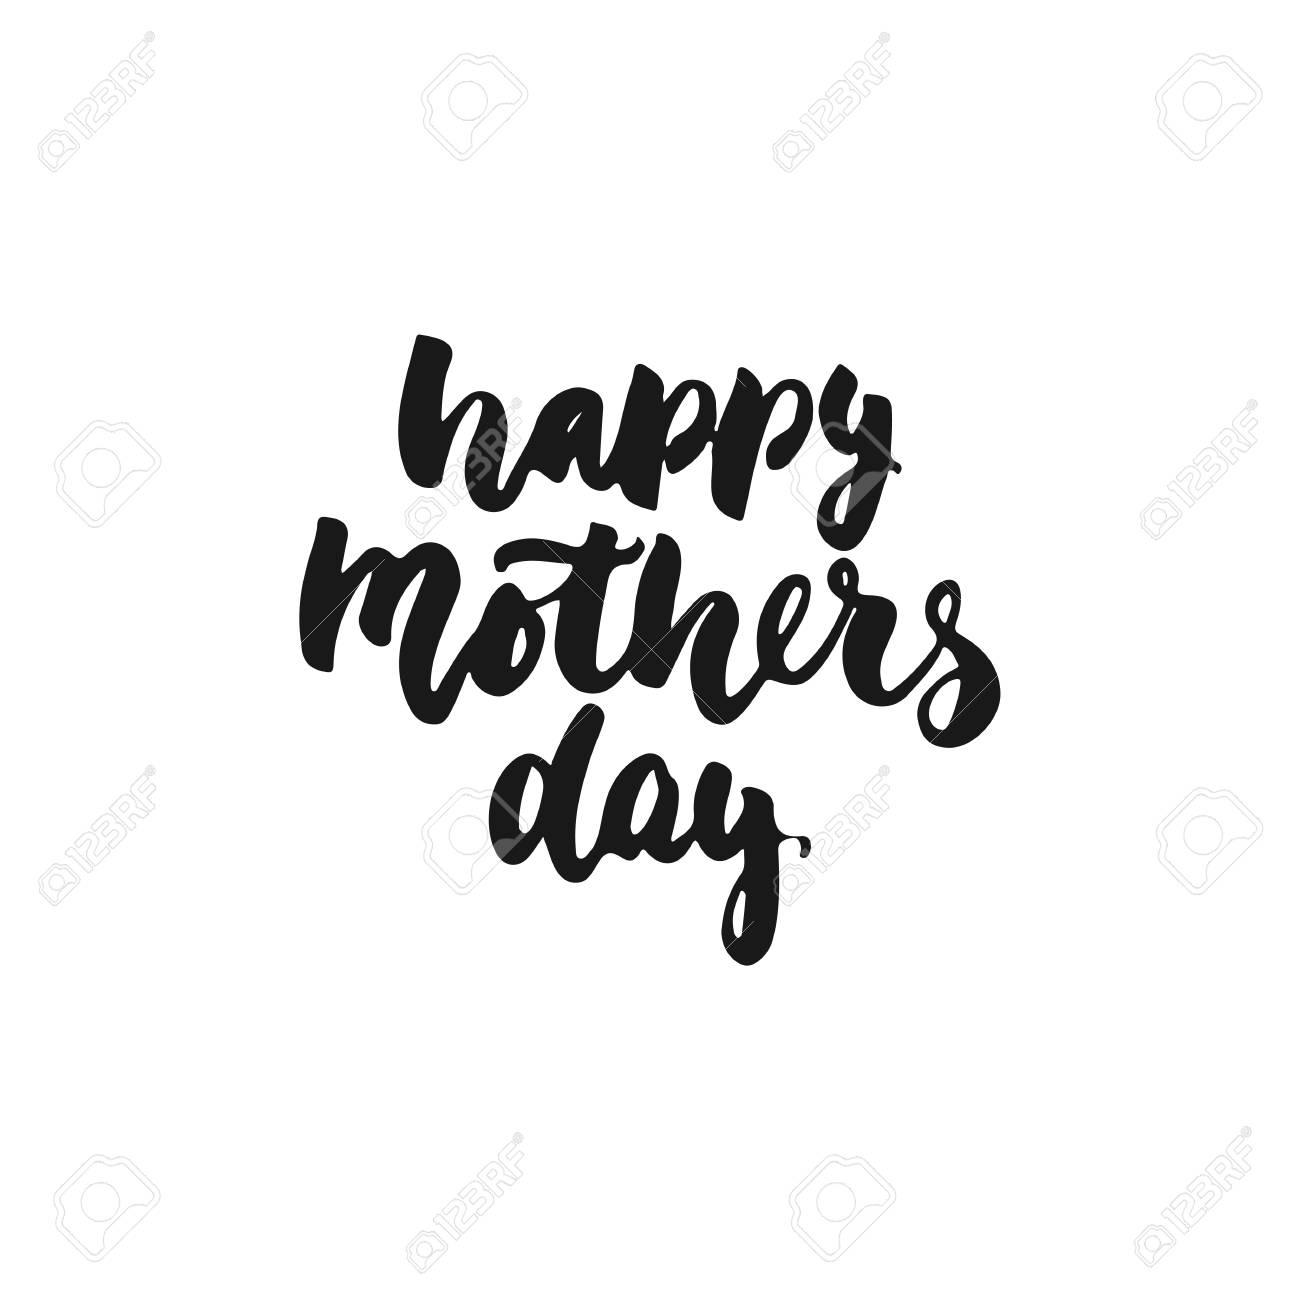 Feliz Dia Das Mães Mão Desenhada Letras Frase Isolado No Fundo Branco Inscrição De Tinta Pincel Divertido Para Sobreposições De Foto Cartão Ou